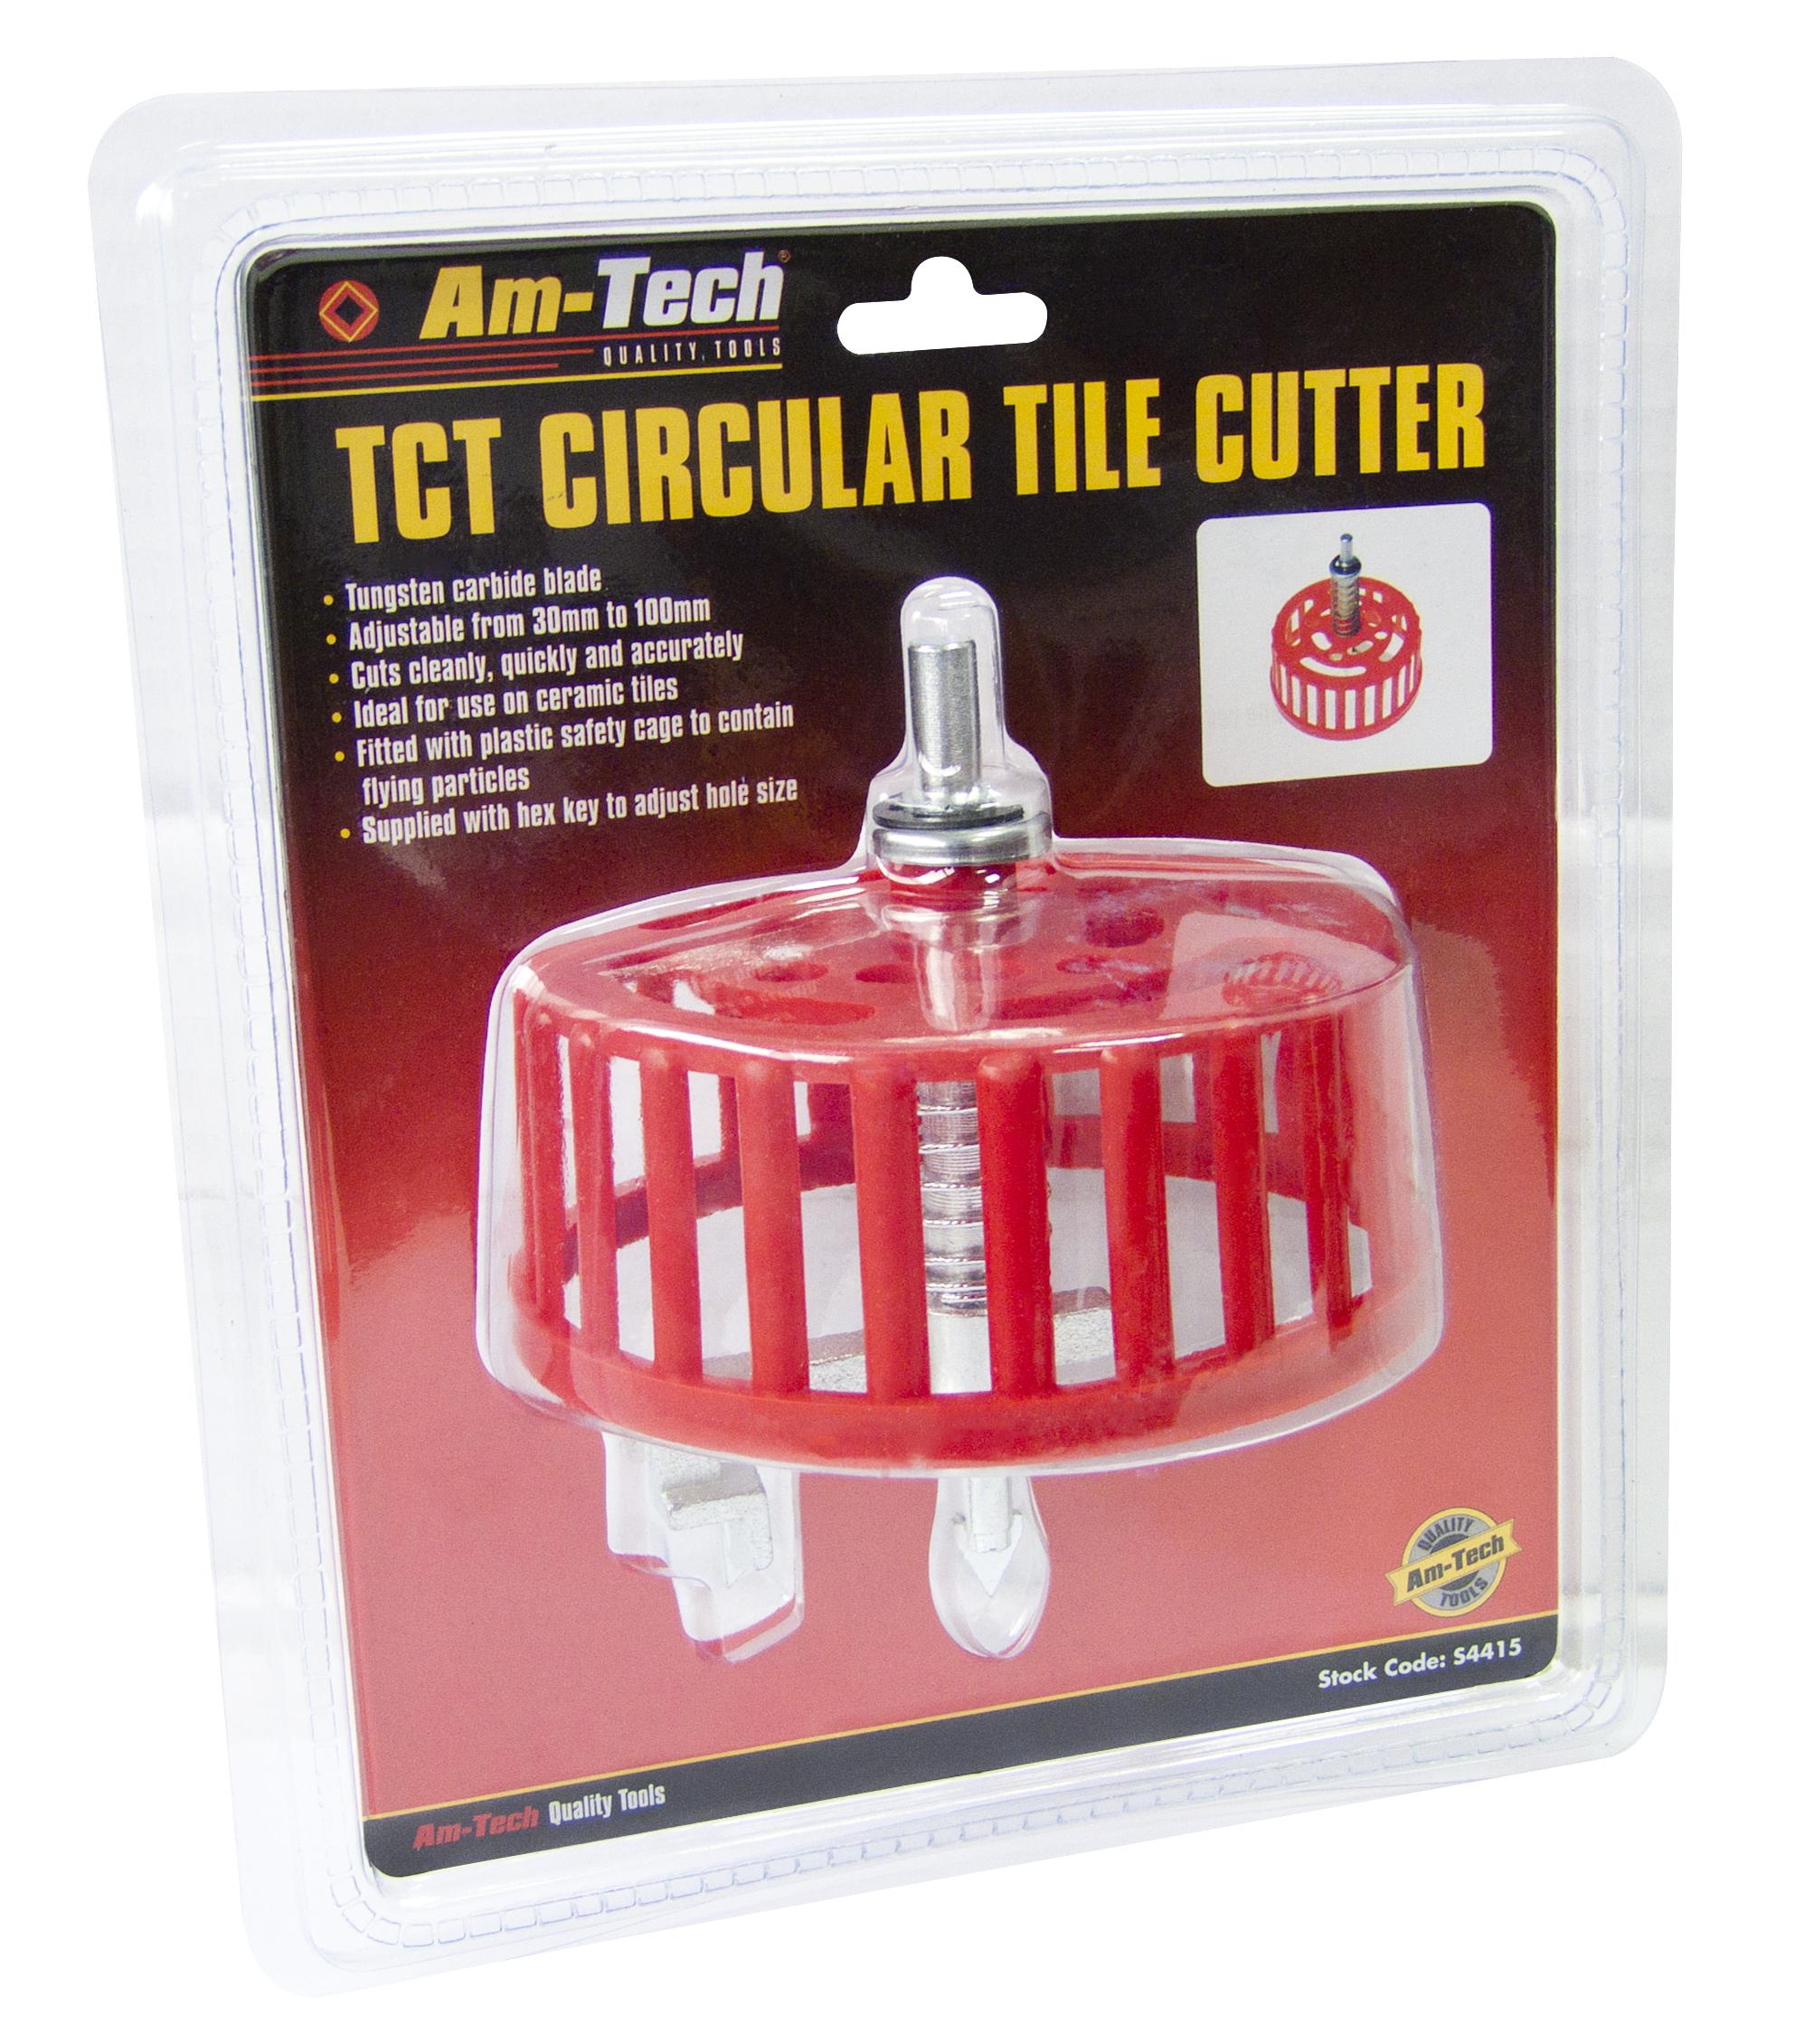 Circular Tile Cutter